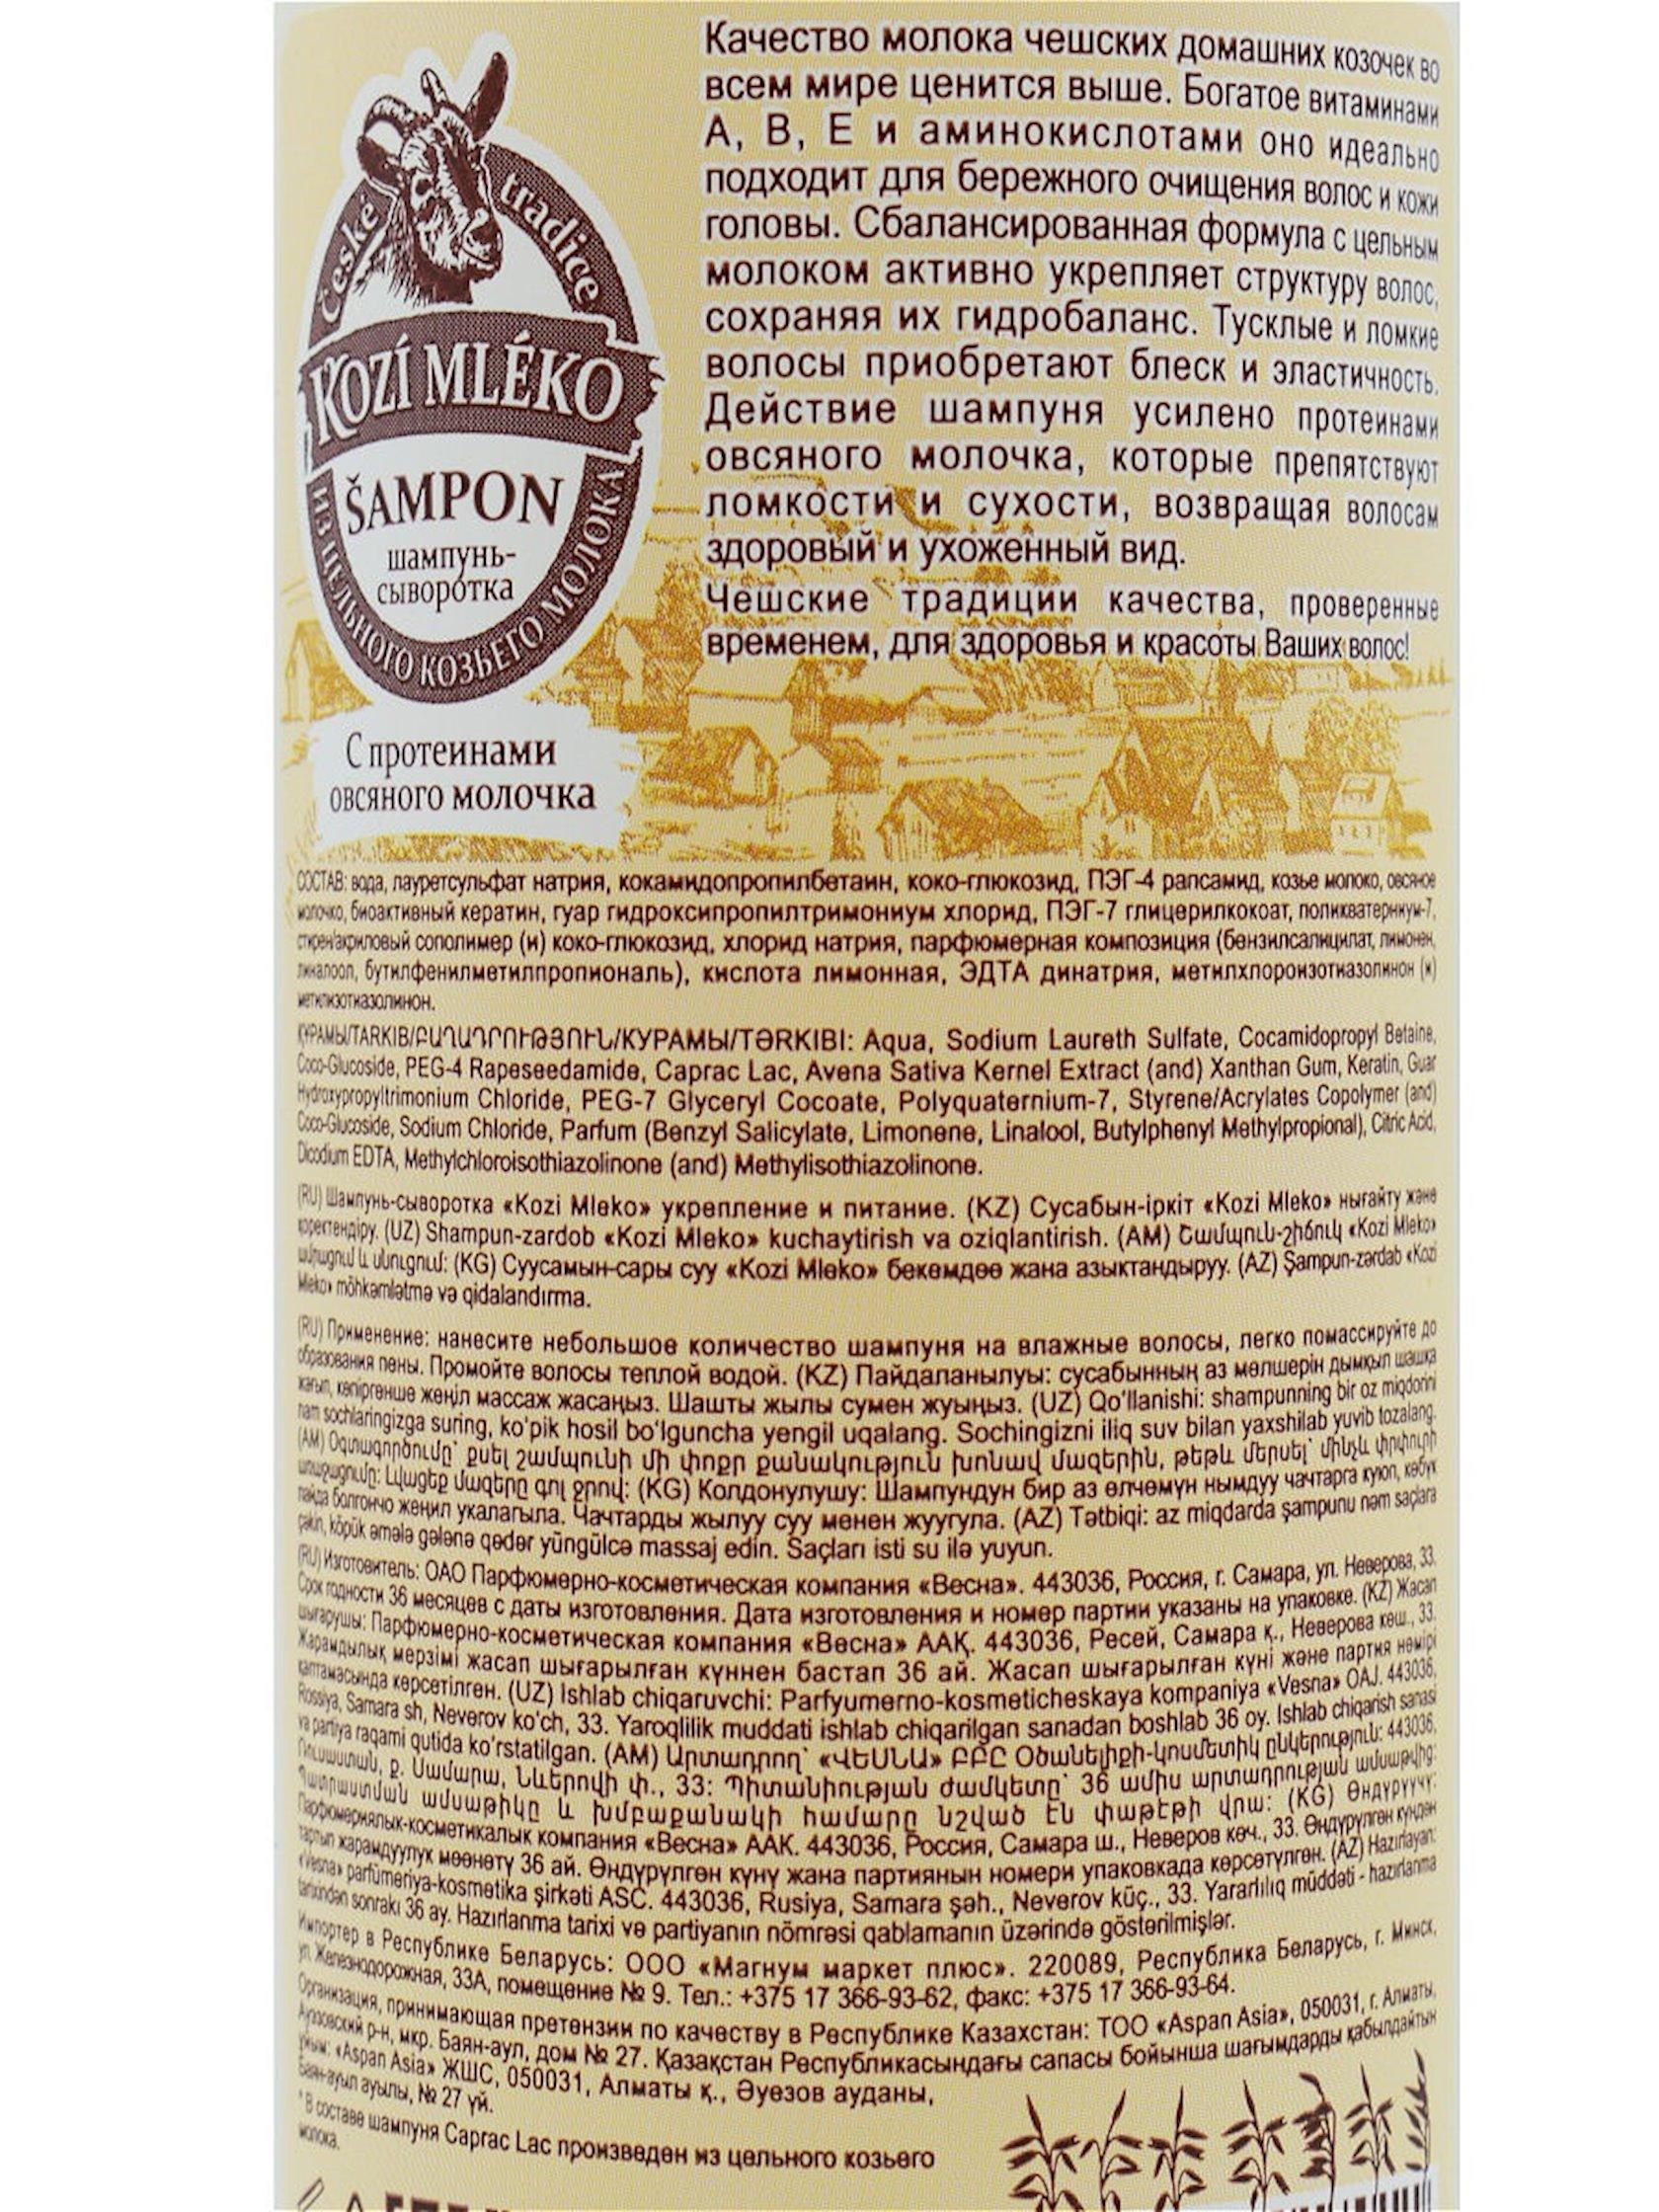 Şampun-serum Kozi Mleko Bərkitmə və qidalandırma zədələnmiş saçlar üçün 500 ml